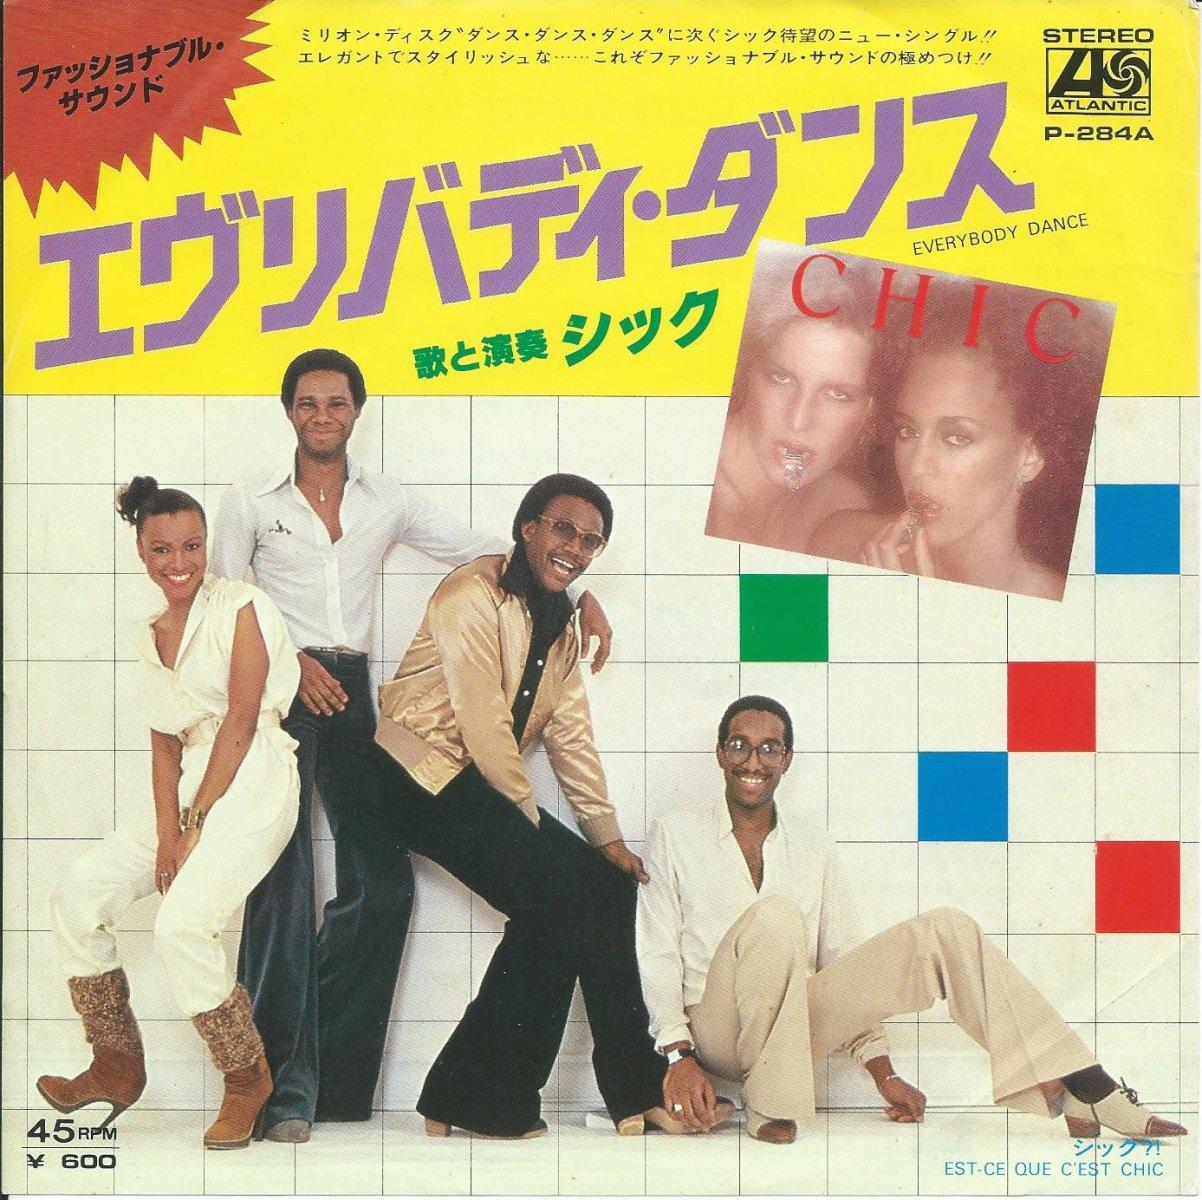 シック CHIC / エヴリバディ・ダンス EVERYBODY DANCE / シック?! (7